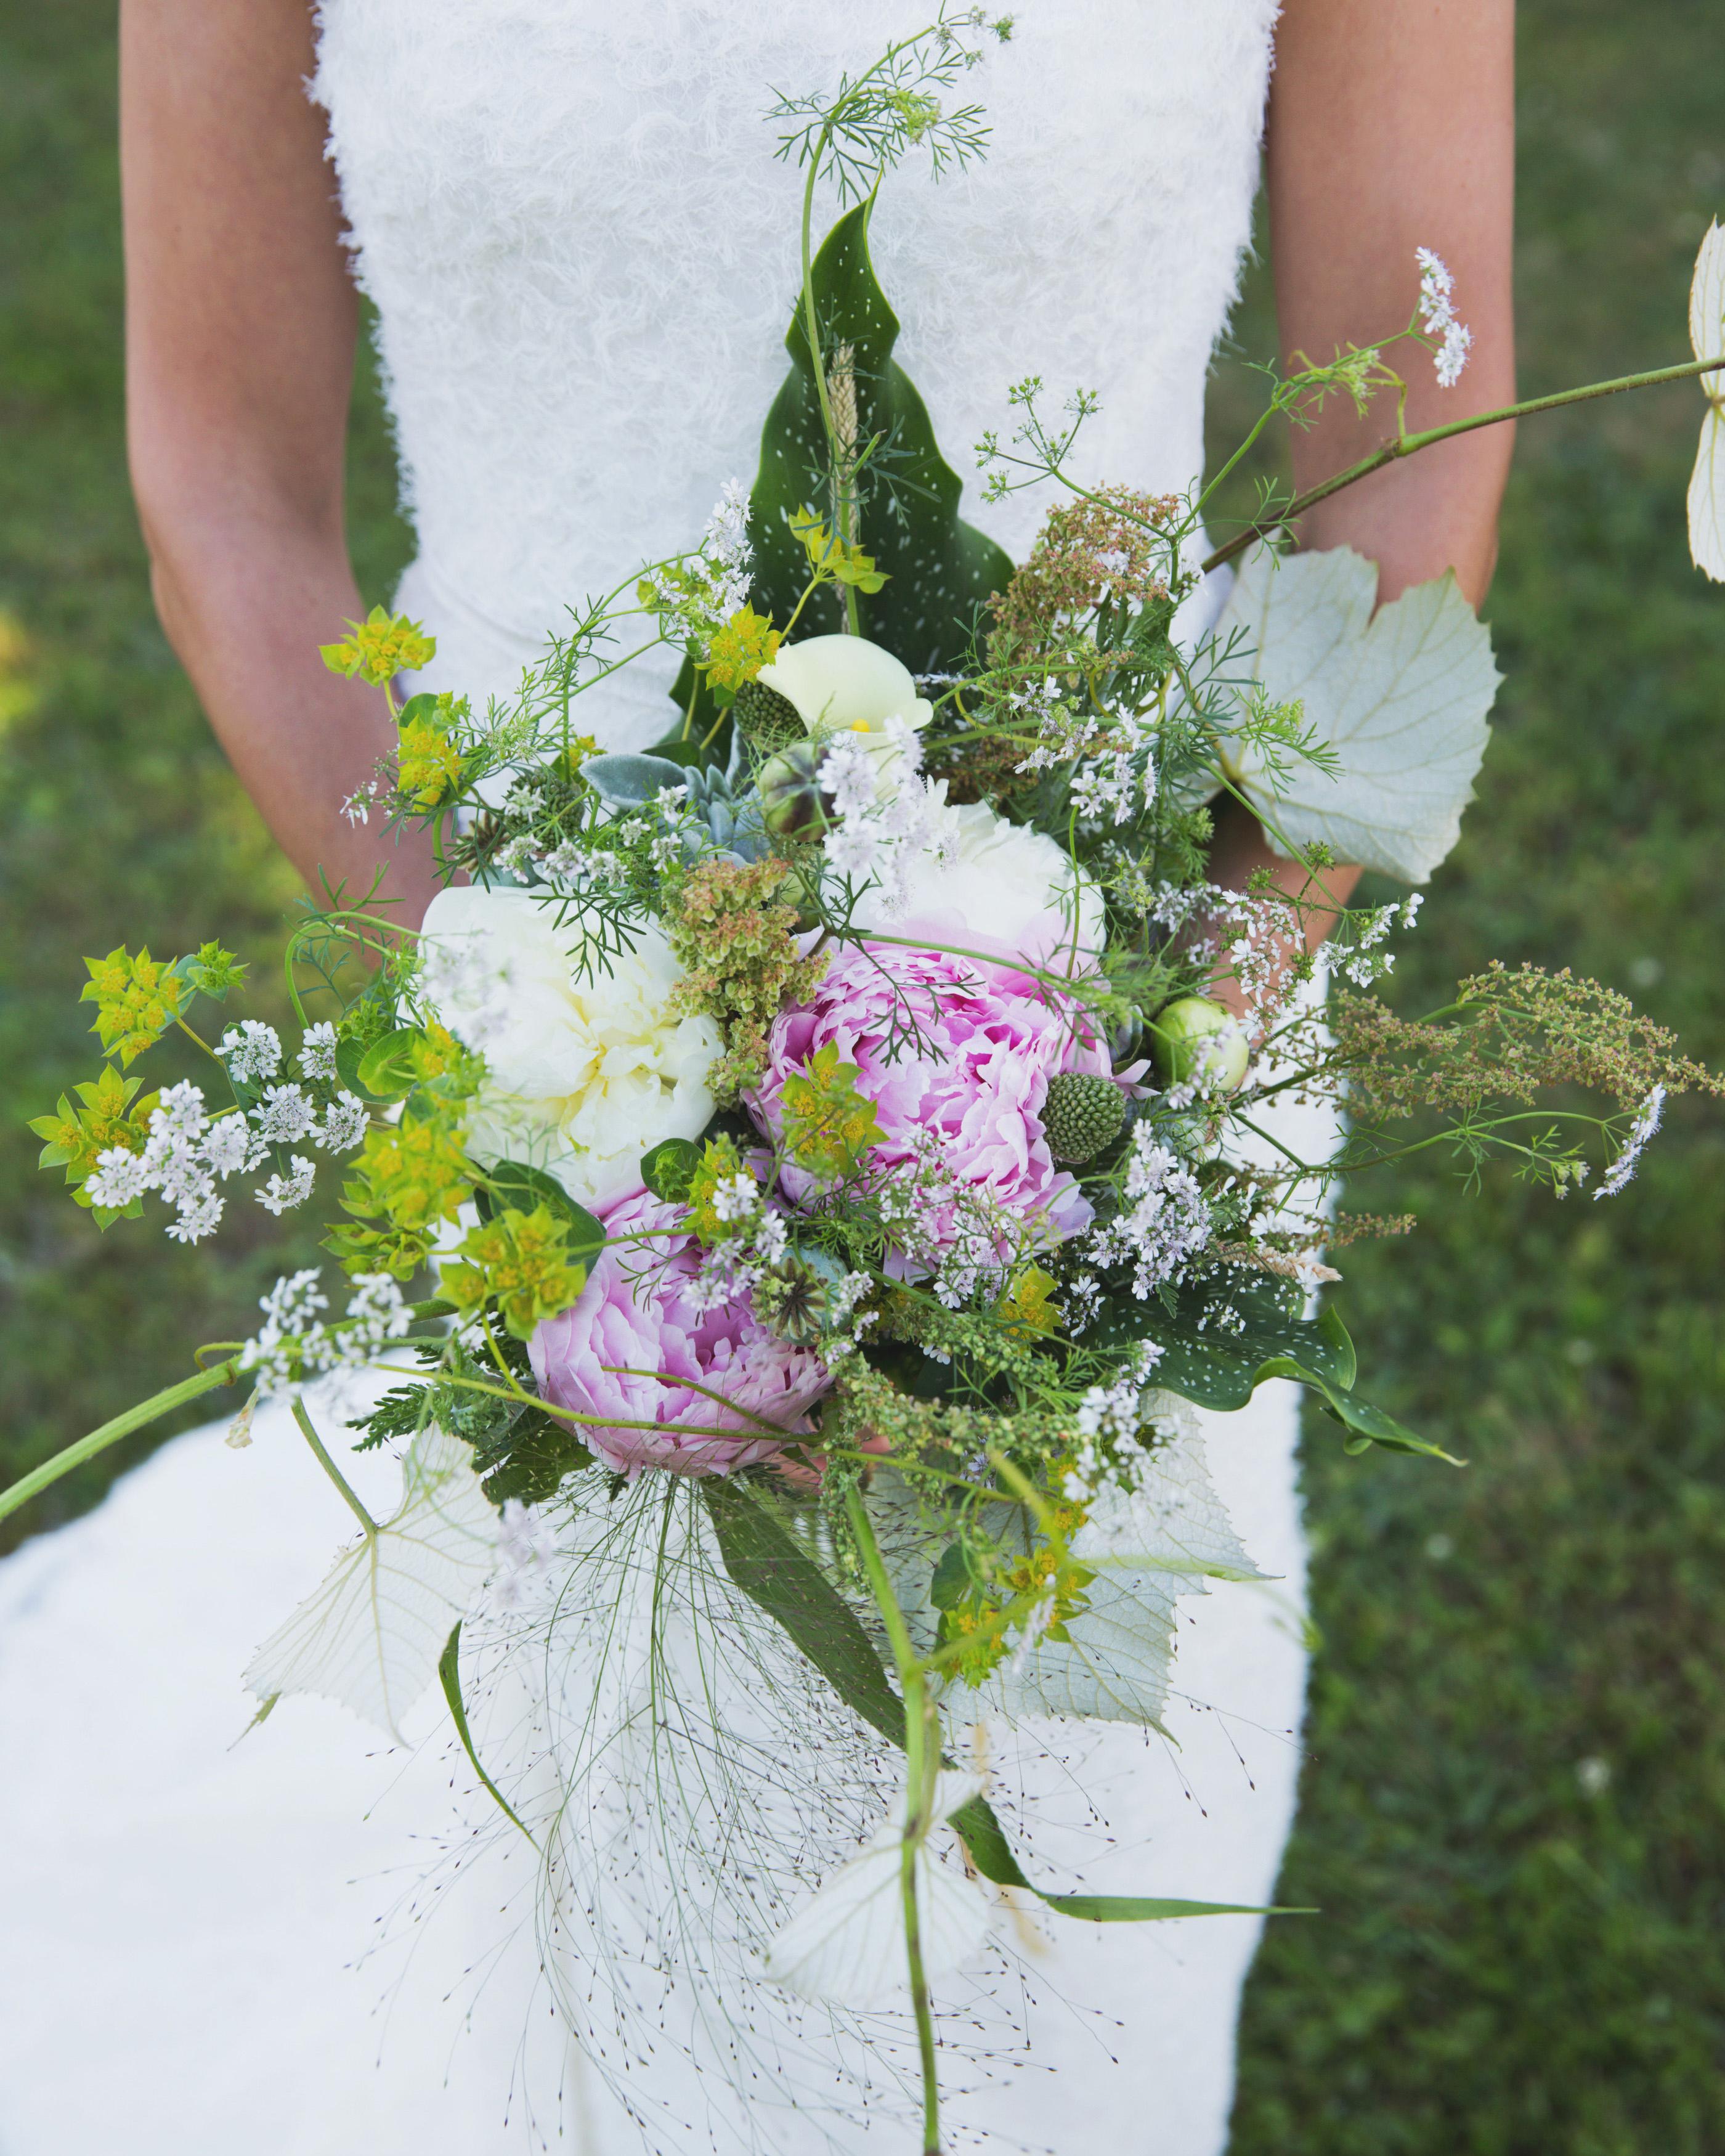 lilly-carter-wedding-bouquet-00220-s112037-0715..jpg